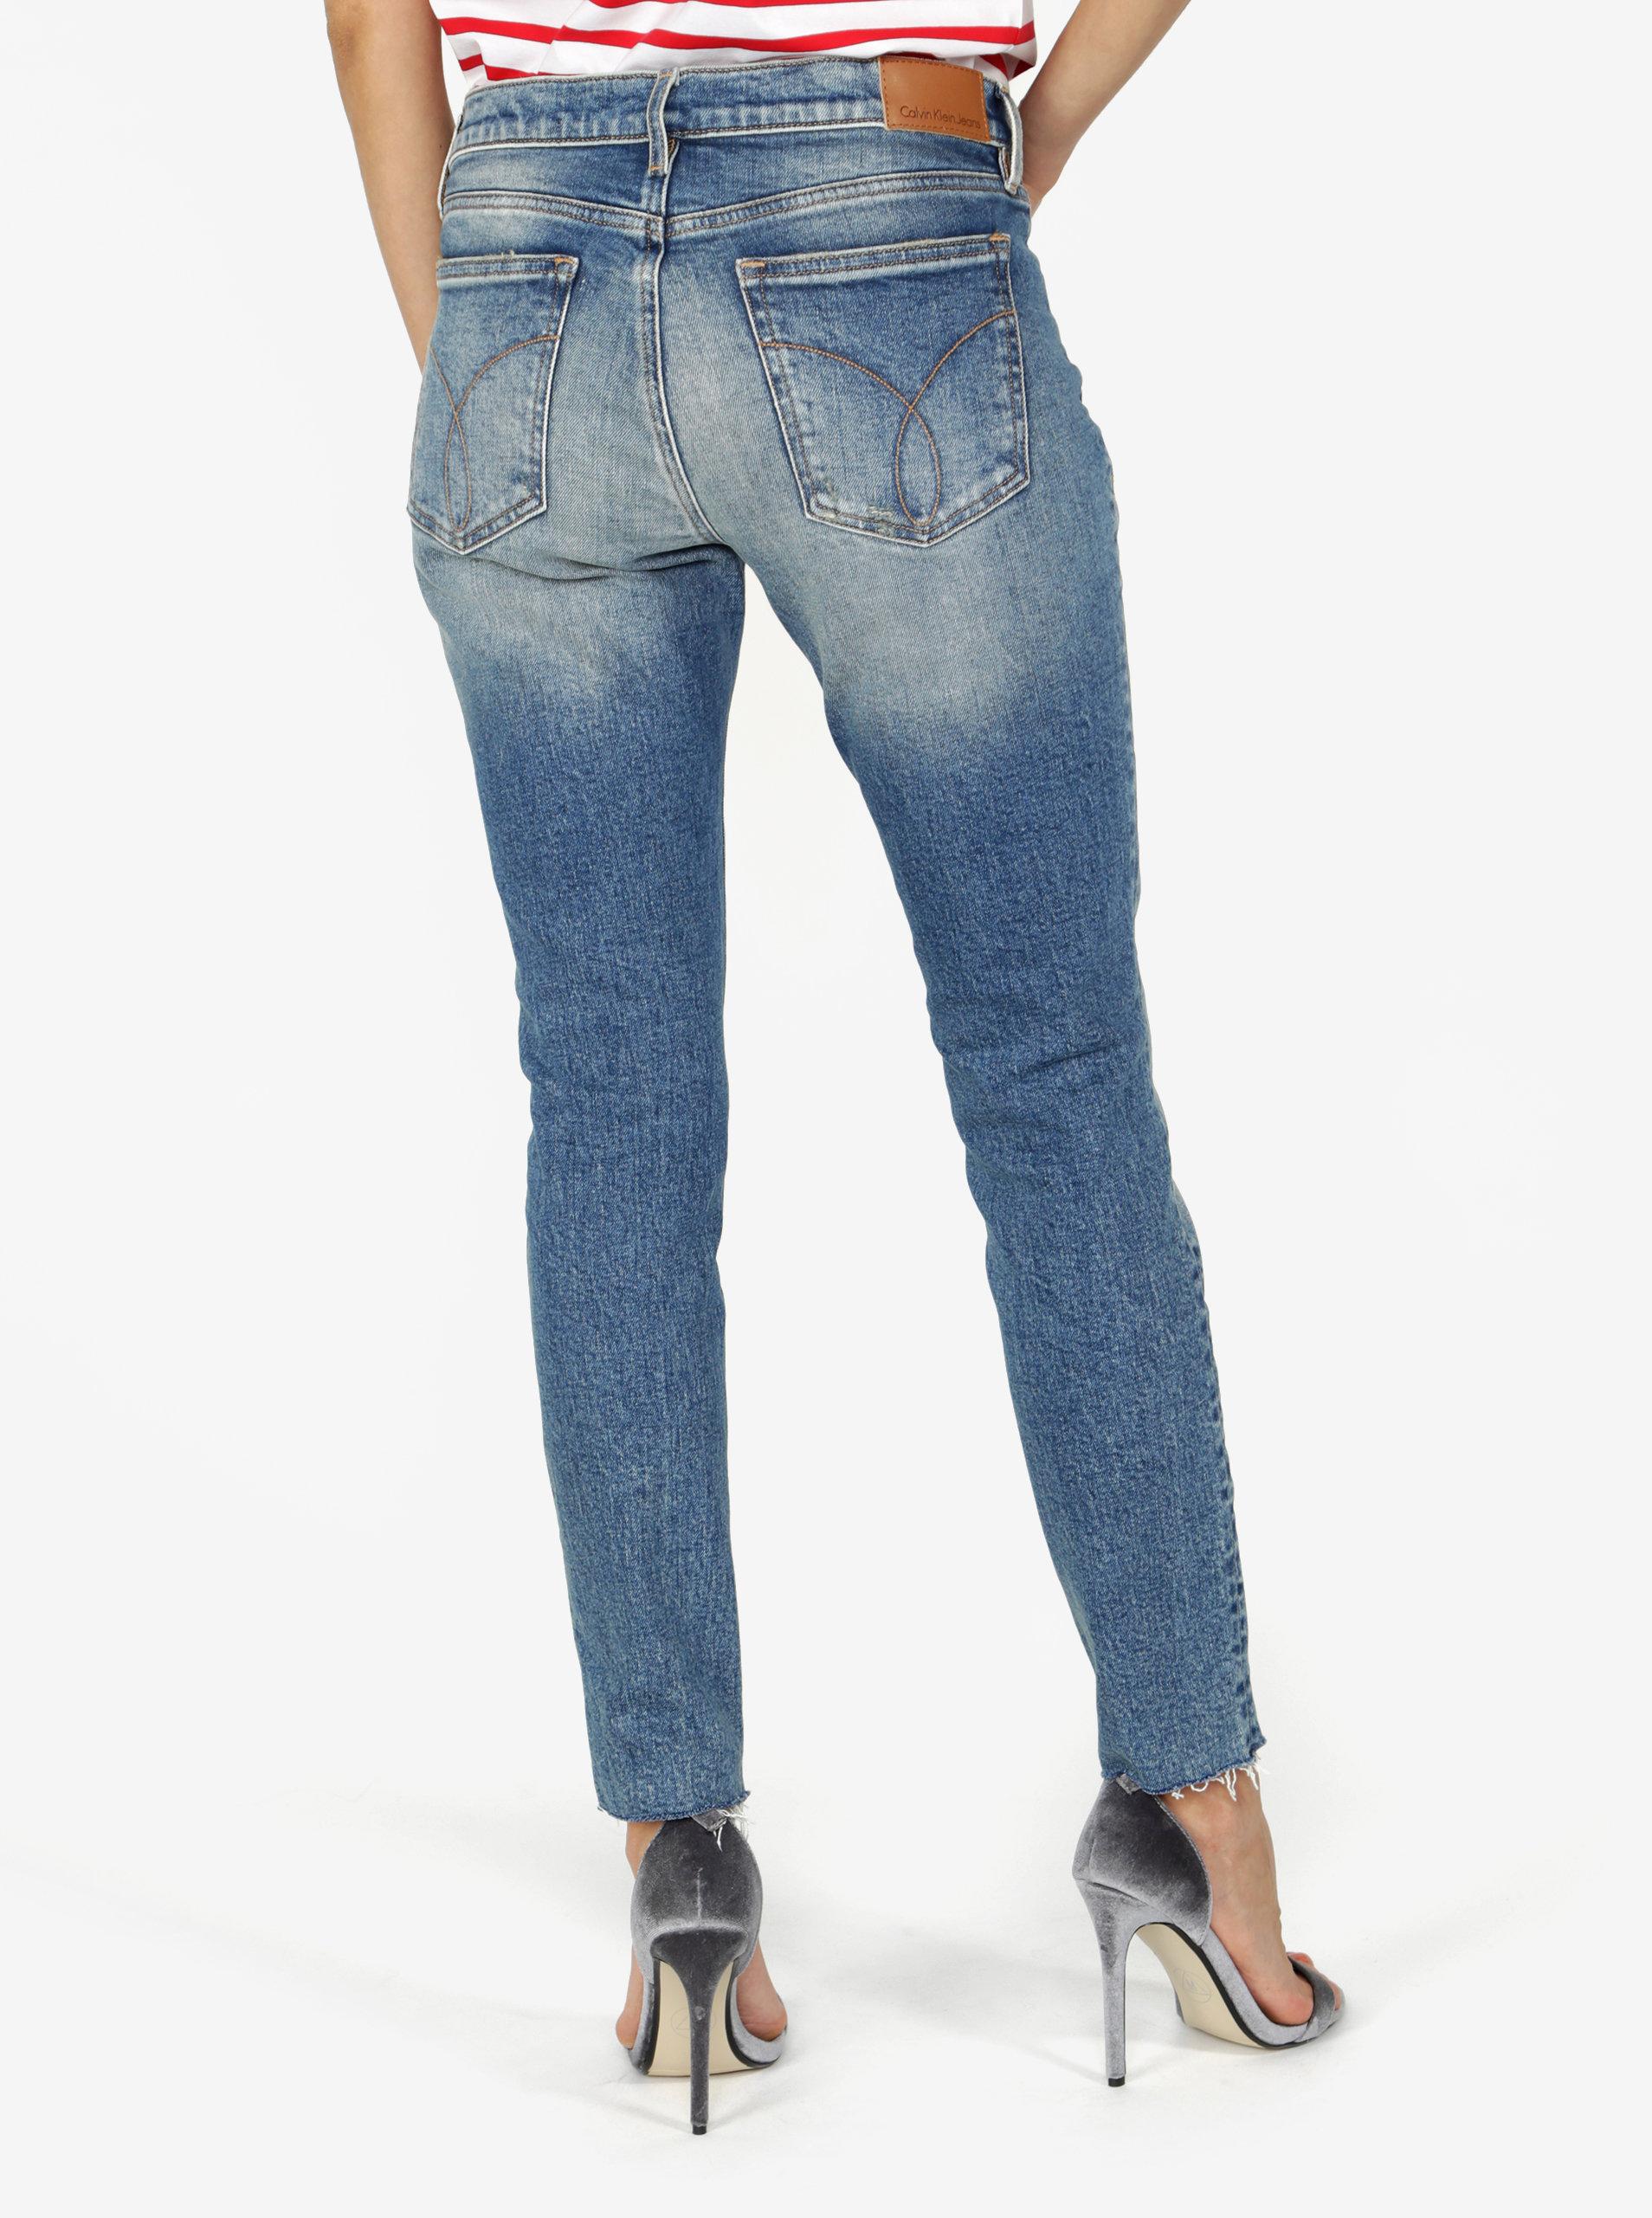 Modré dámské zkrácené skinny džíny s nízkým pasem Calvin Klein Jeans ... 4485c0c7d7